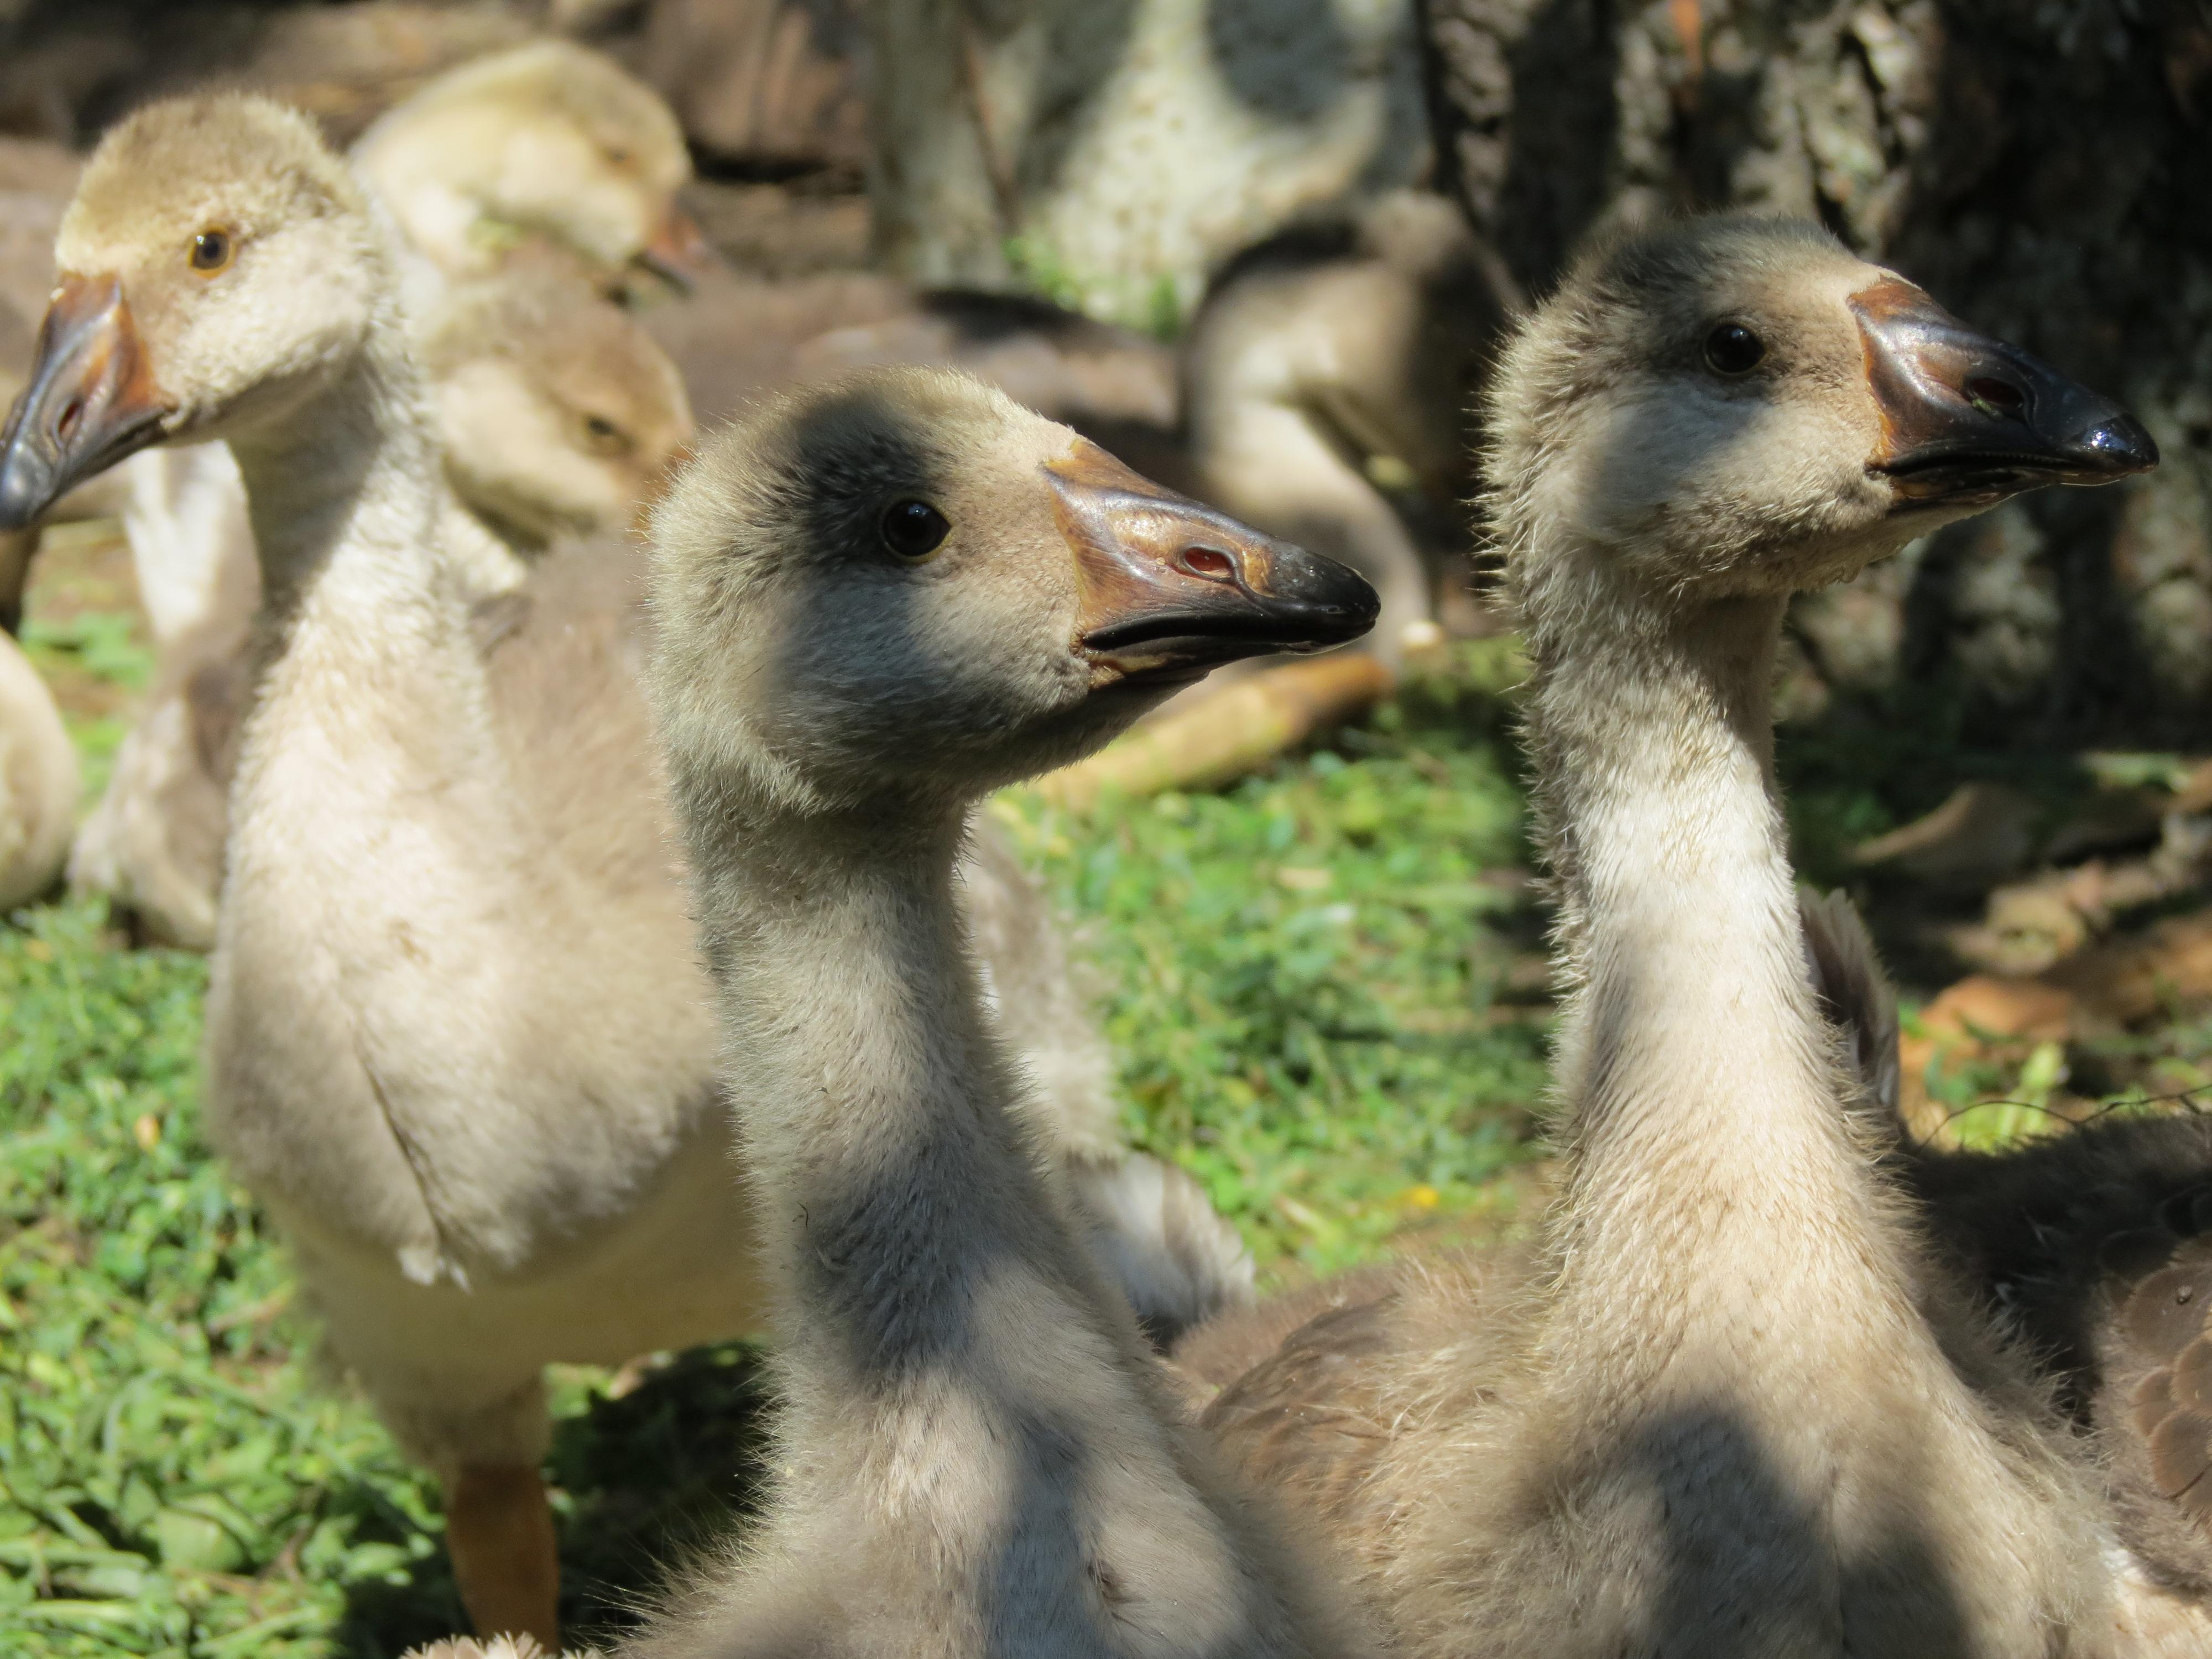 Молодые гуси ждут вождя, обои для рабочего стола, фотография высокого разрешения и качества